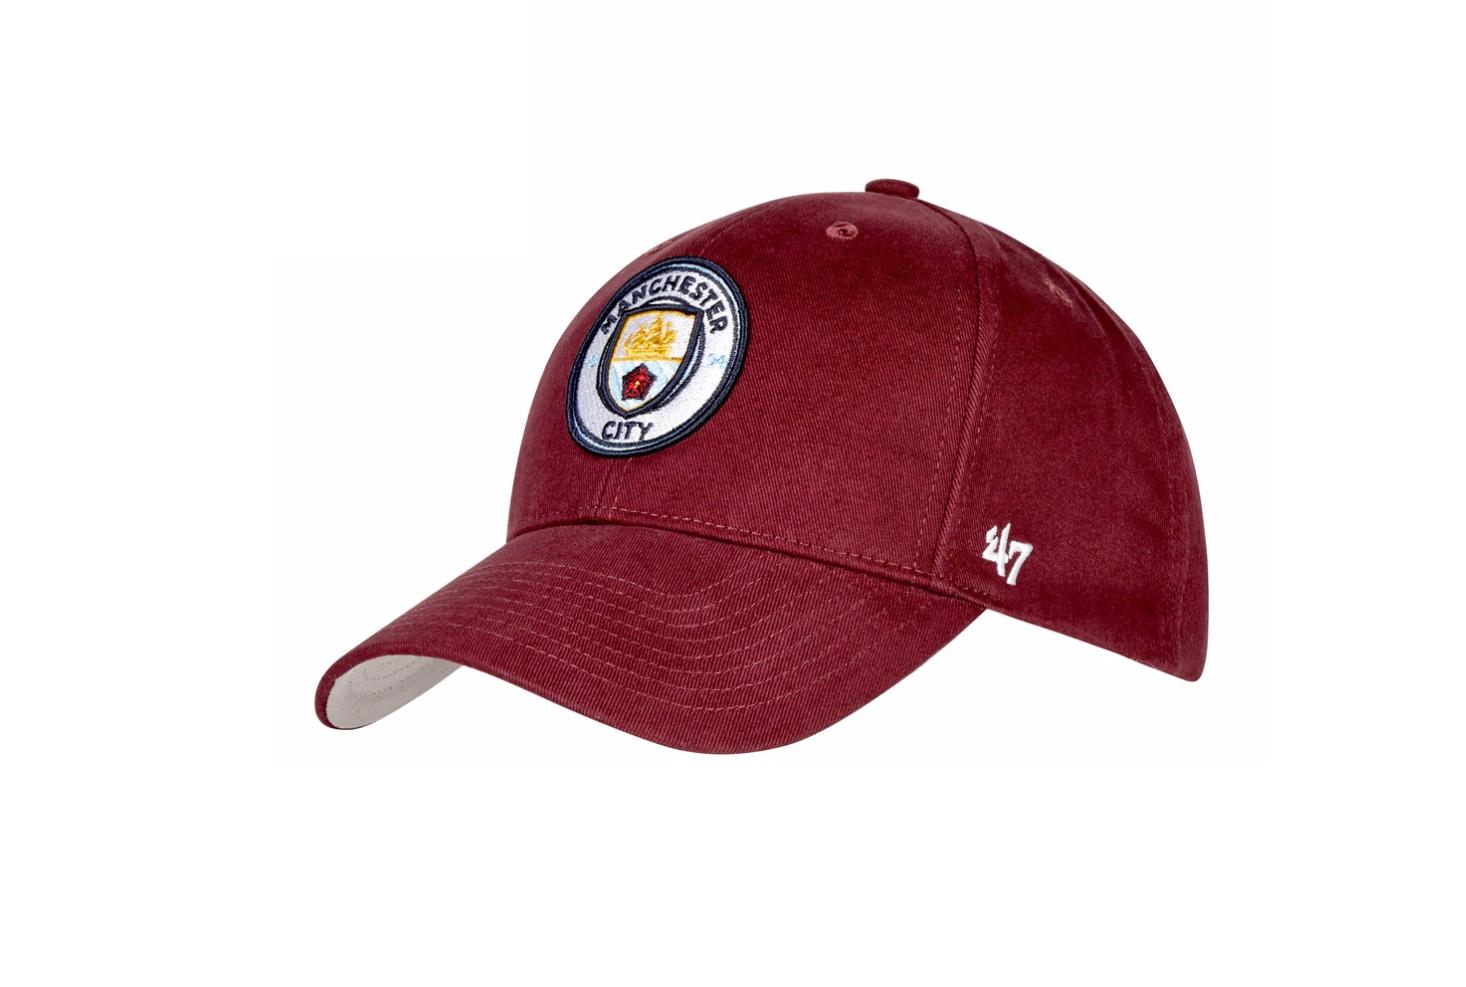 หมวกแมนเชสเตอร์ ซิตี้ 47 MVP Cap Maroon ของแท้